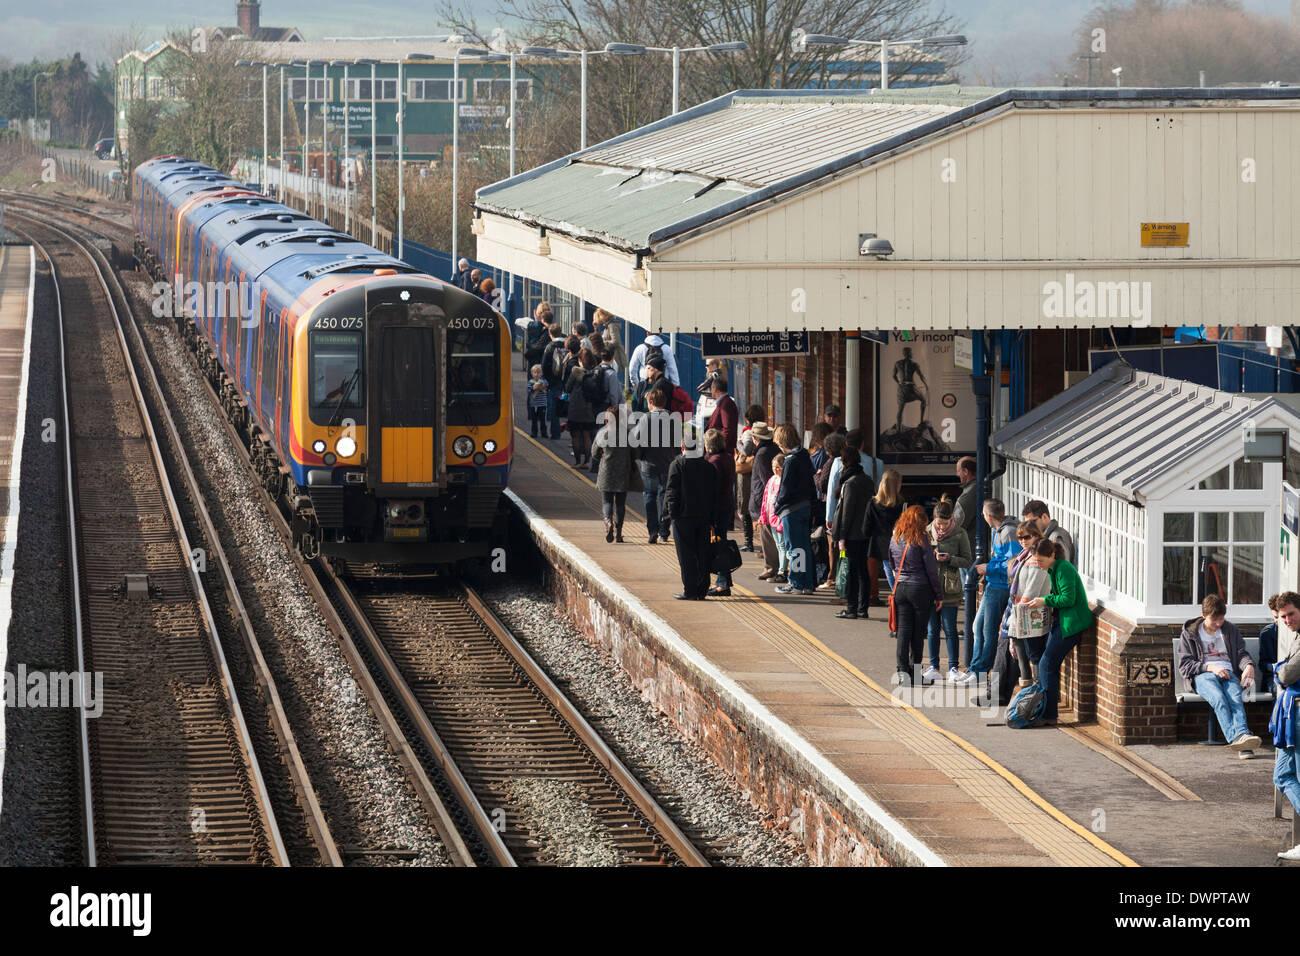 I passeggeri a bordo del treno in arrivo a Petersfield stazione ferroviaria. Immagini Stock